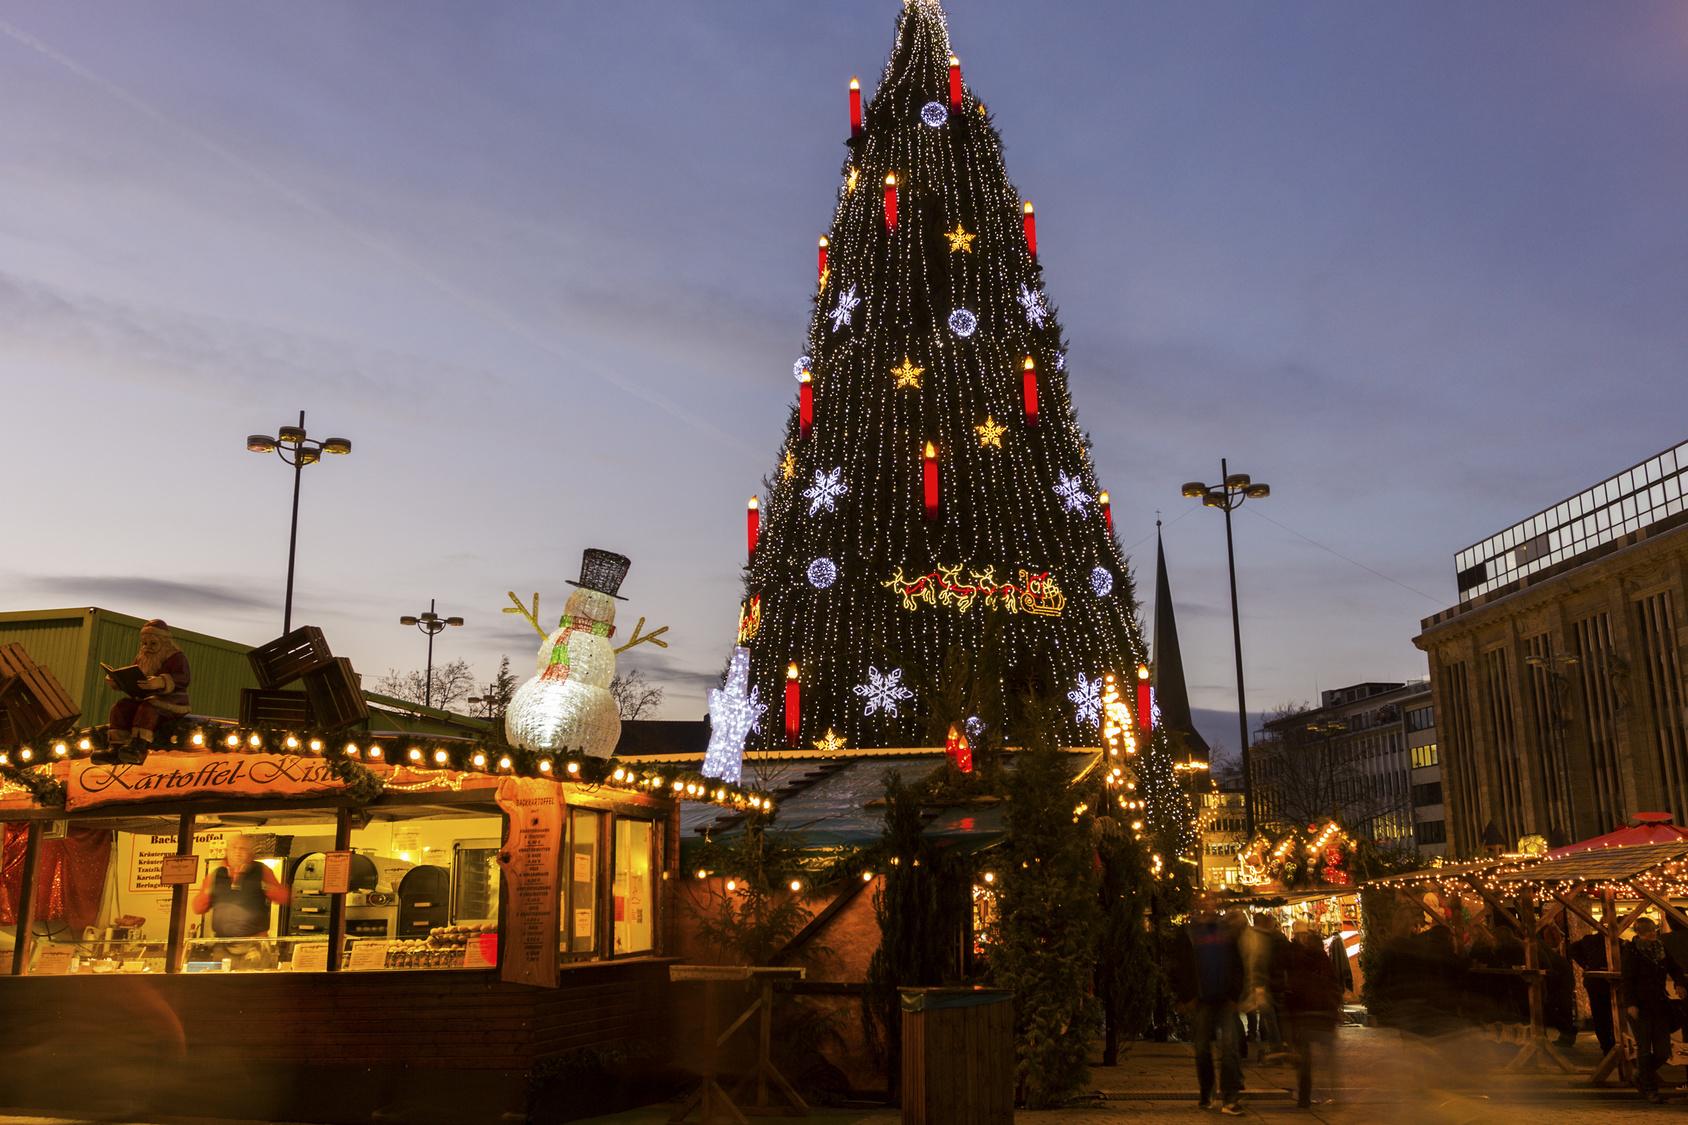 Eröffnung Dortmunder Weihnachtsmarkt 2019.Eröffnung Endlich Wieder Weihnachtsmarkt Besondere